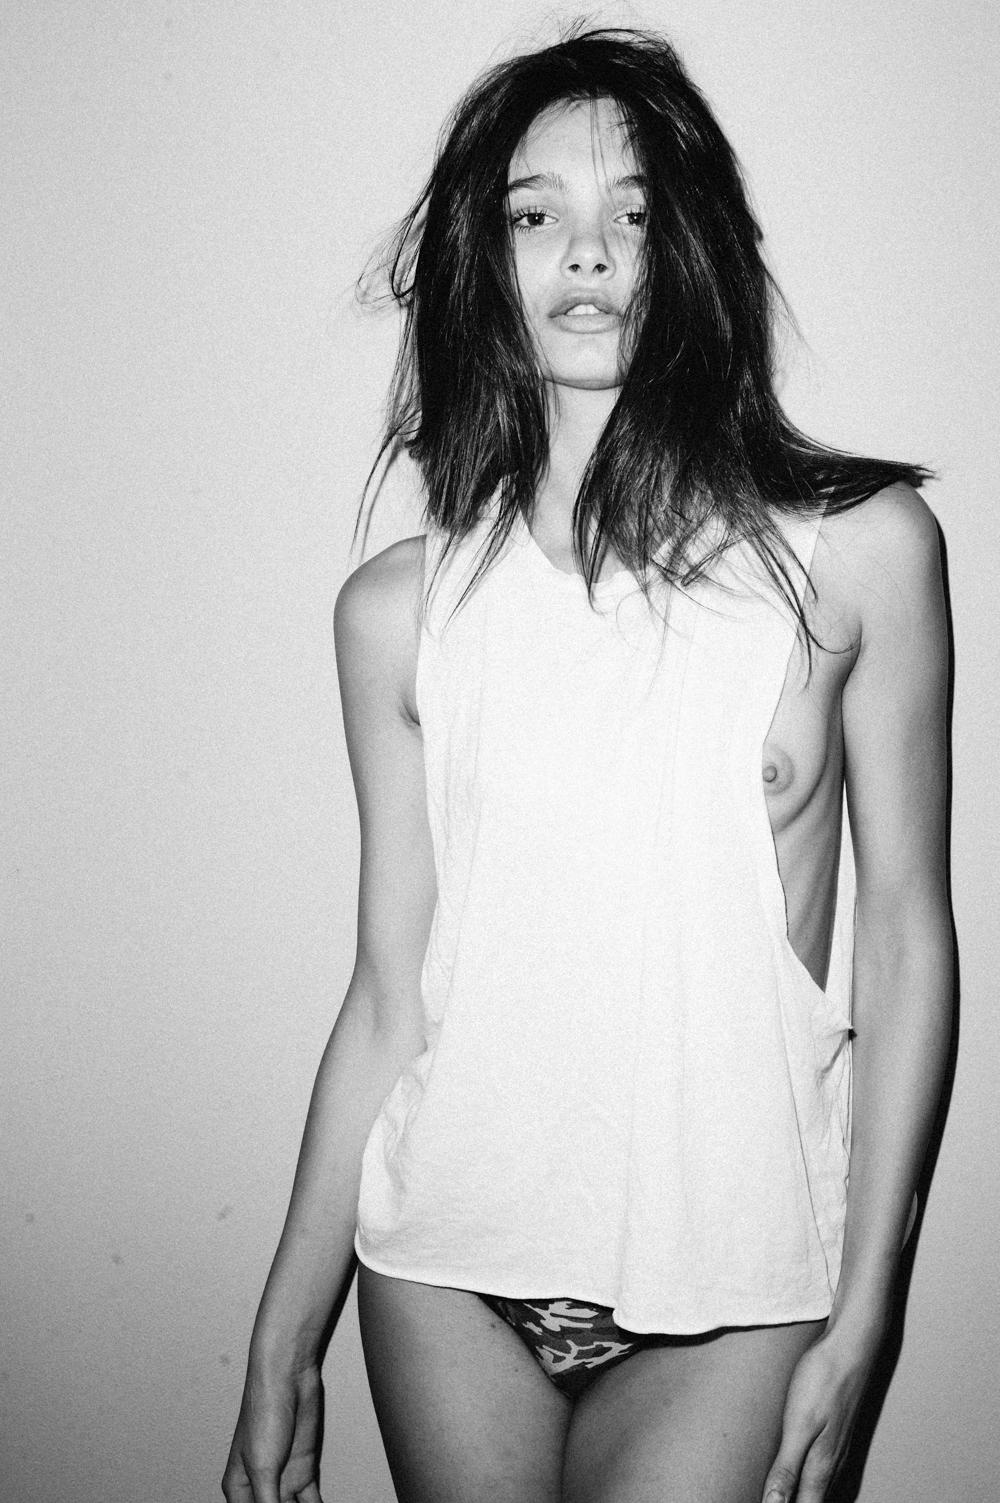 bikini models nude free